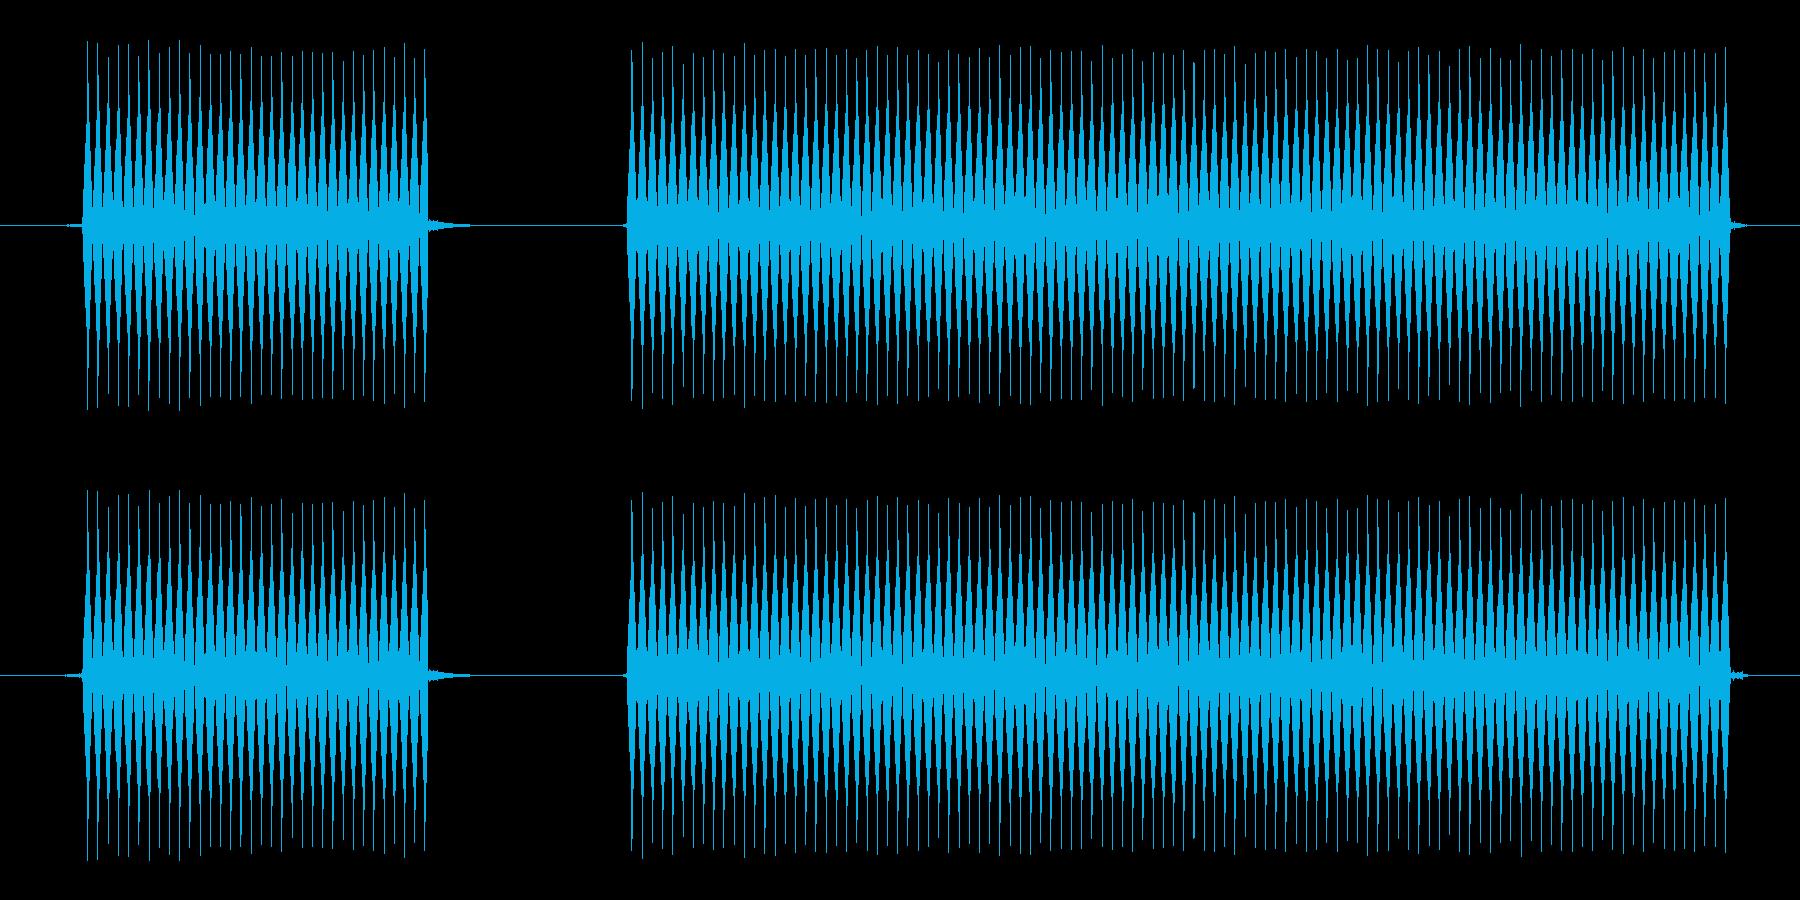 失敗したときや外れた時の音。の再生済みの波形